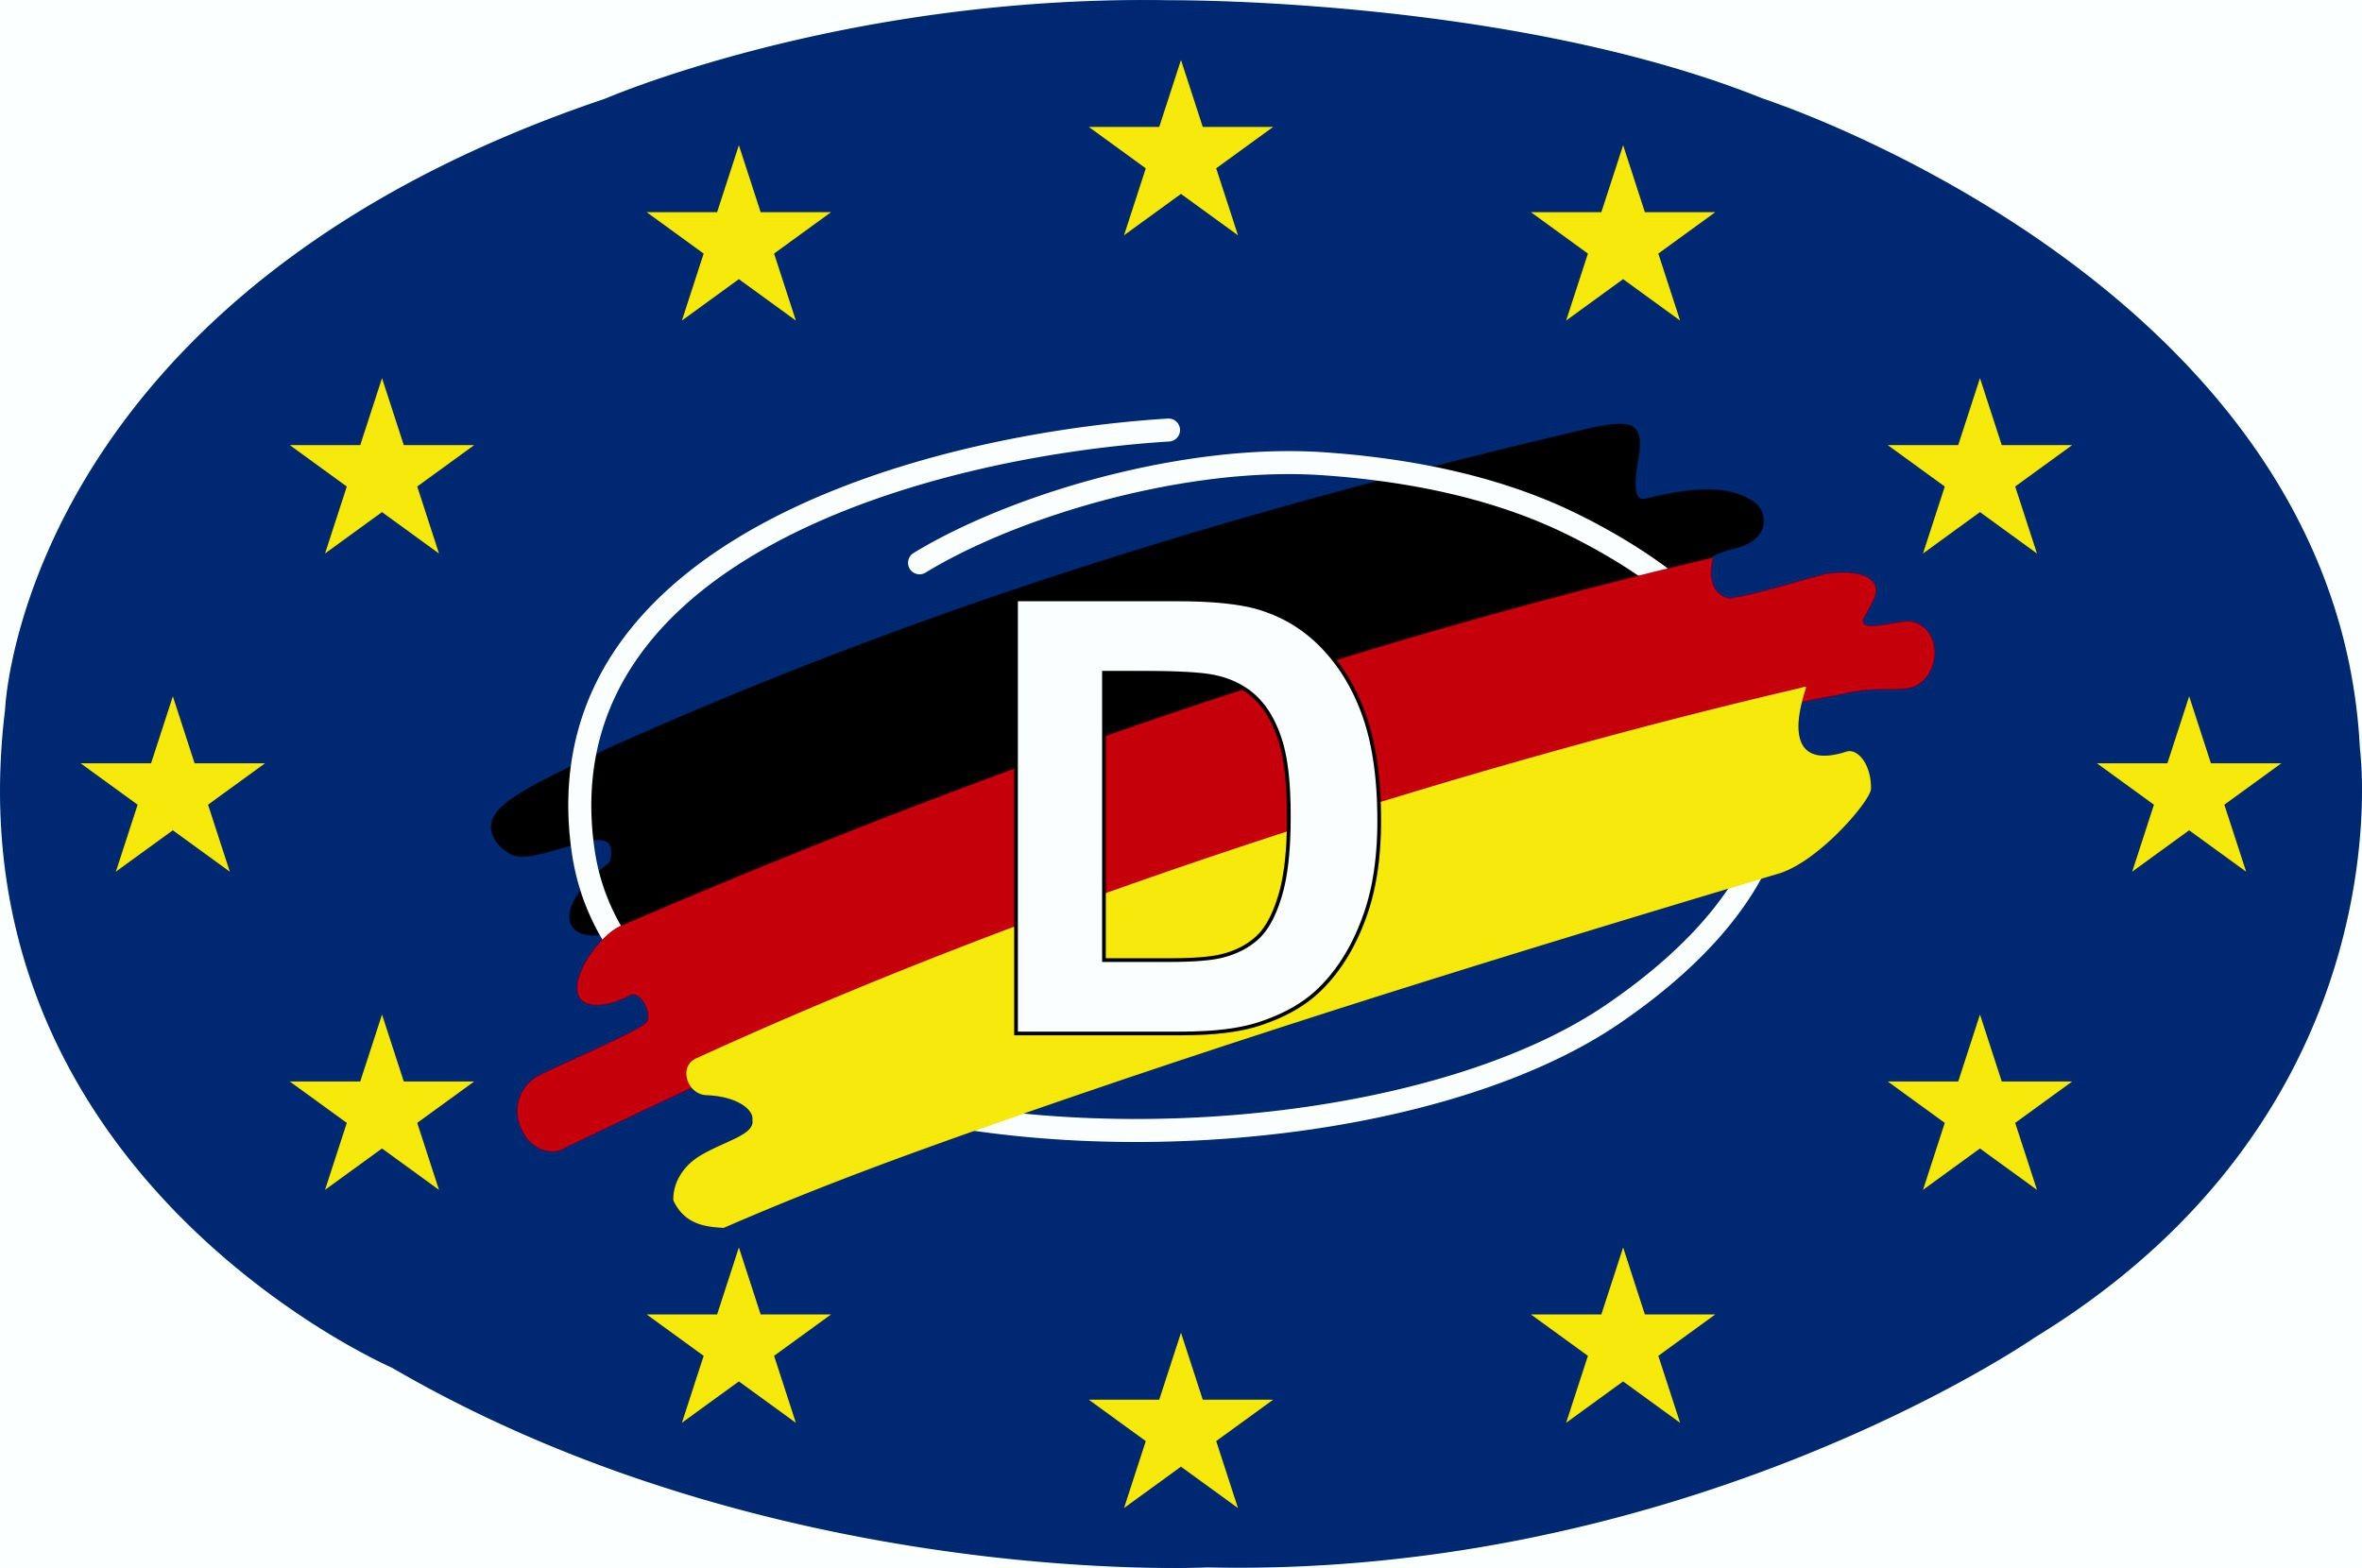 Aufkleber Deutschland Holografie mit Magnetfolie 85 x 125 mm Deutschland Fanartikel EM – Bild 1